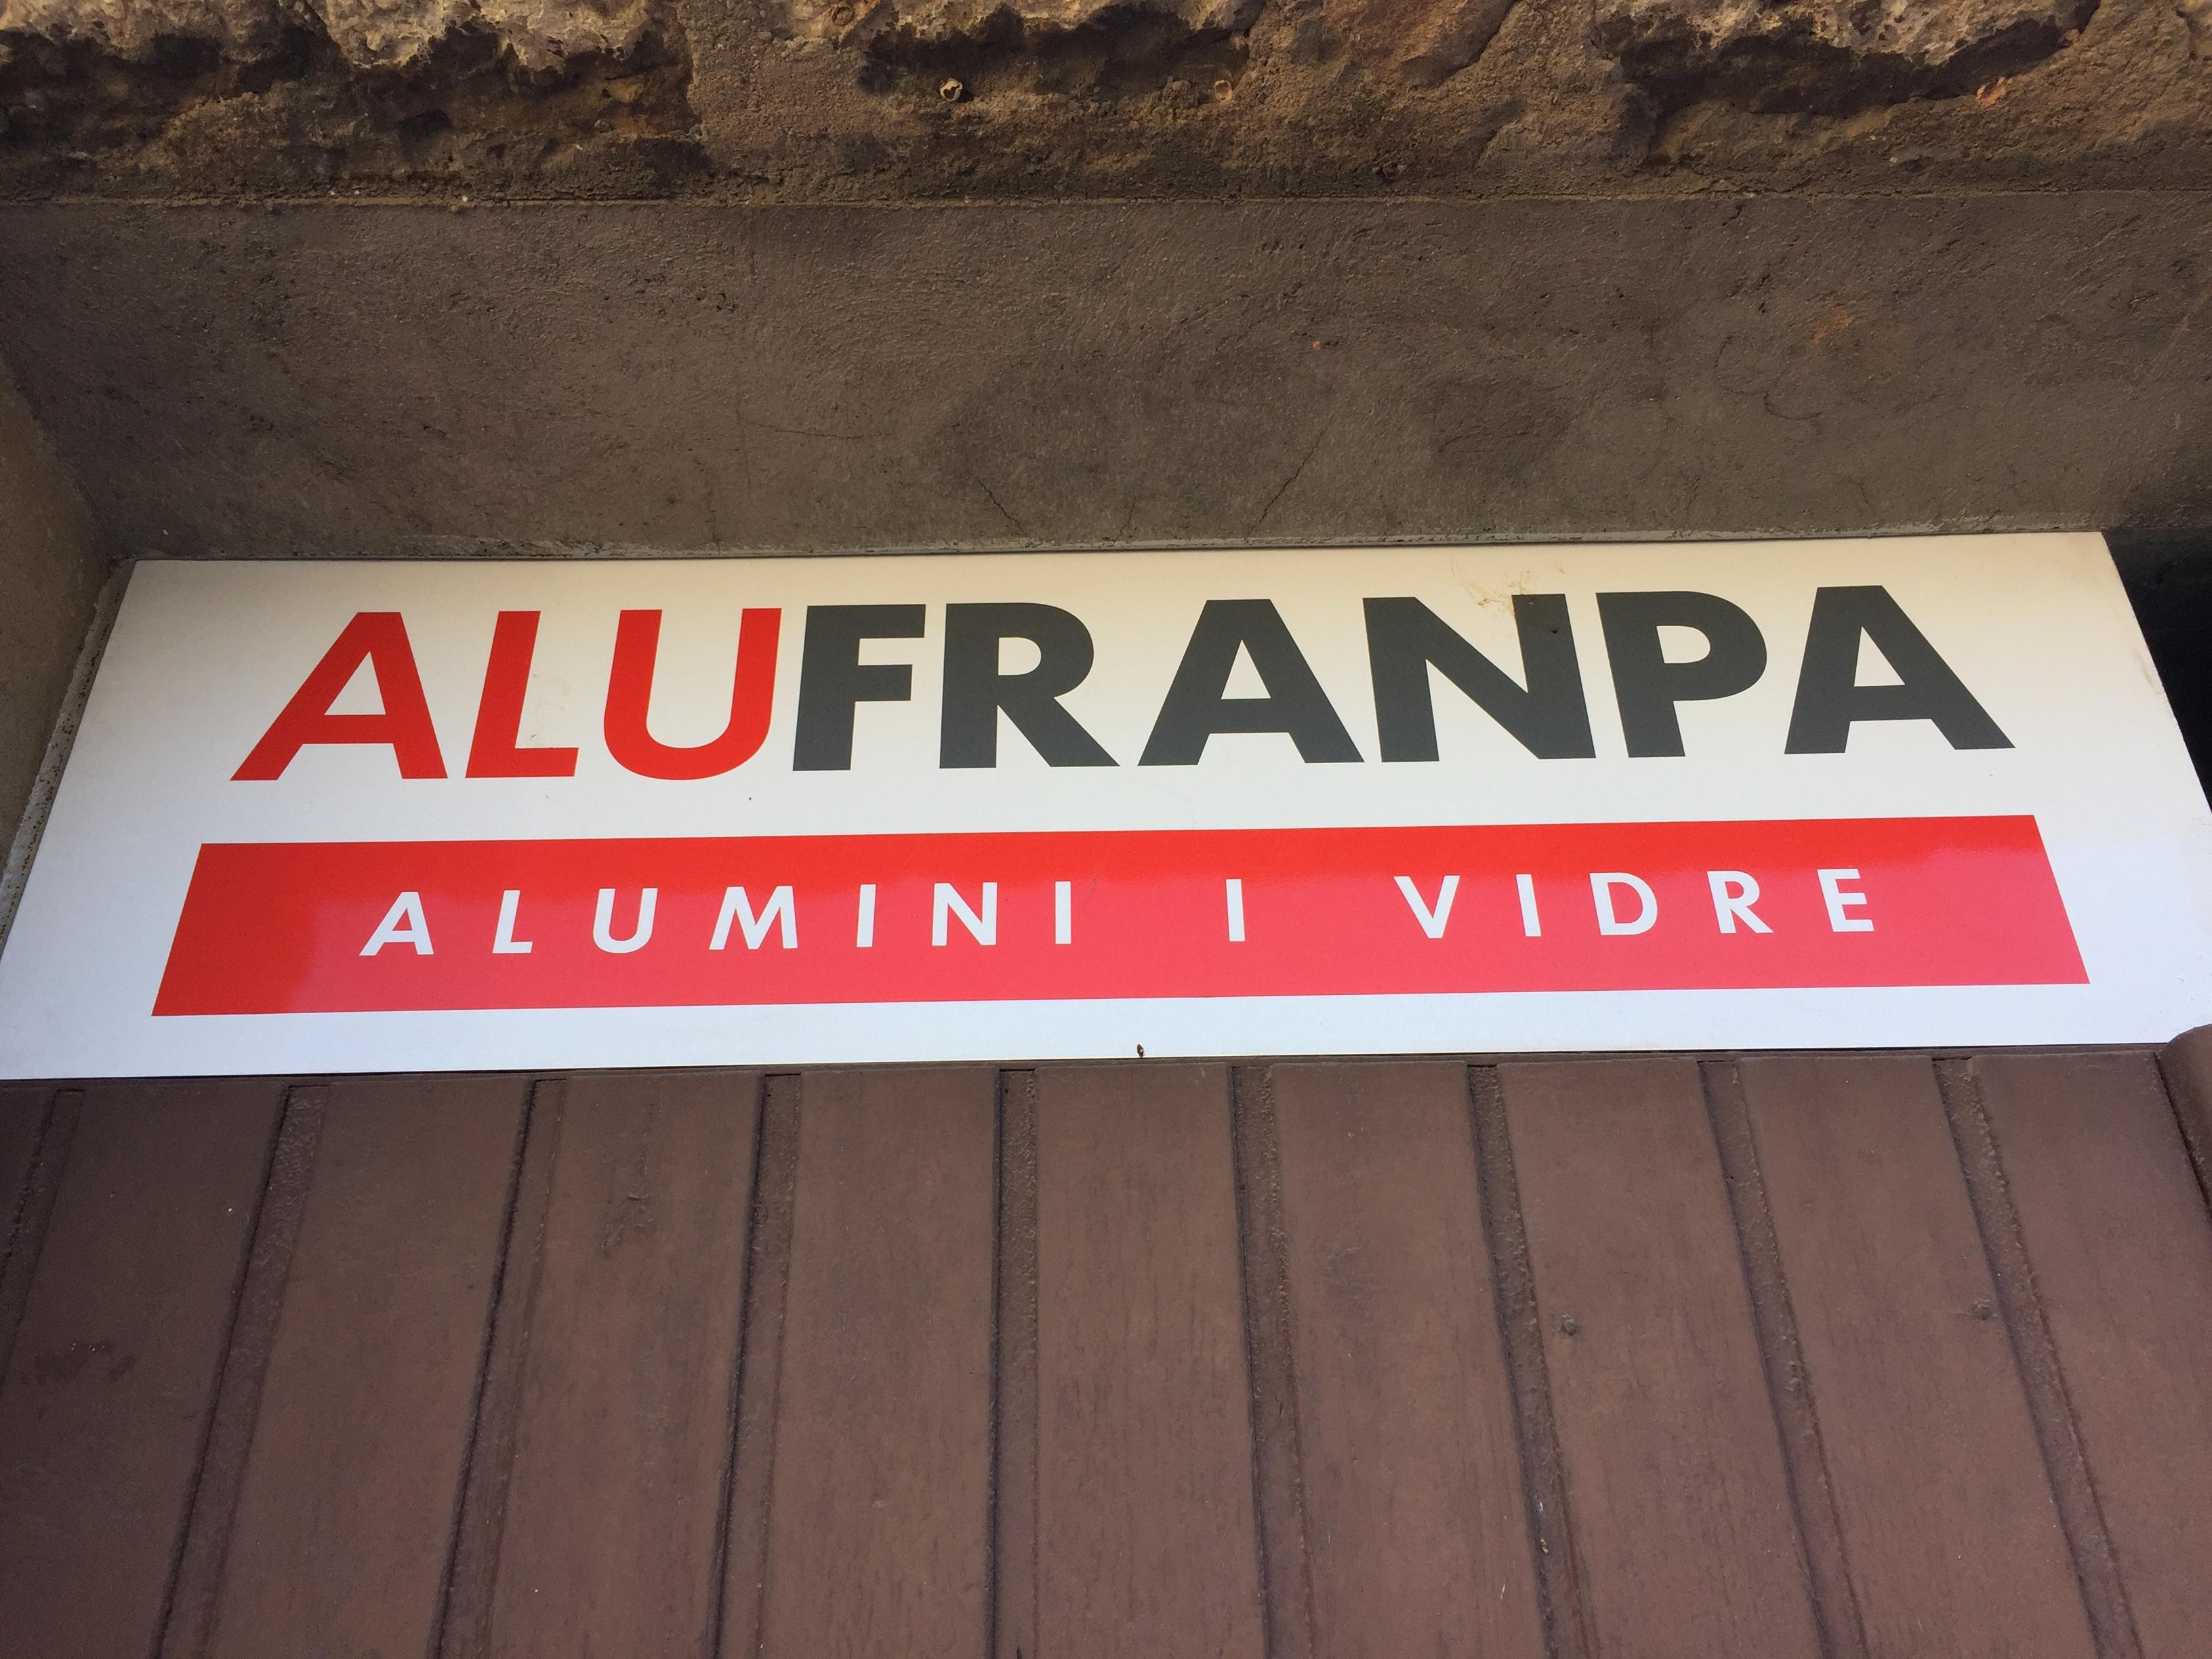 Alufranpa